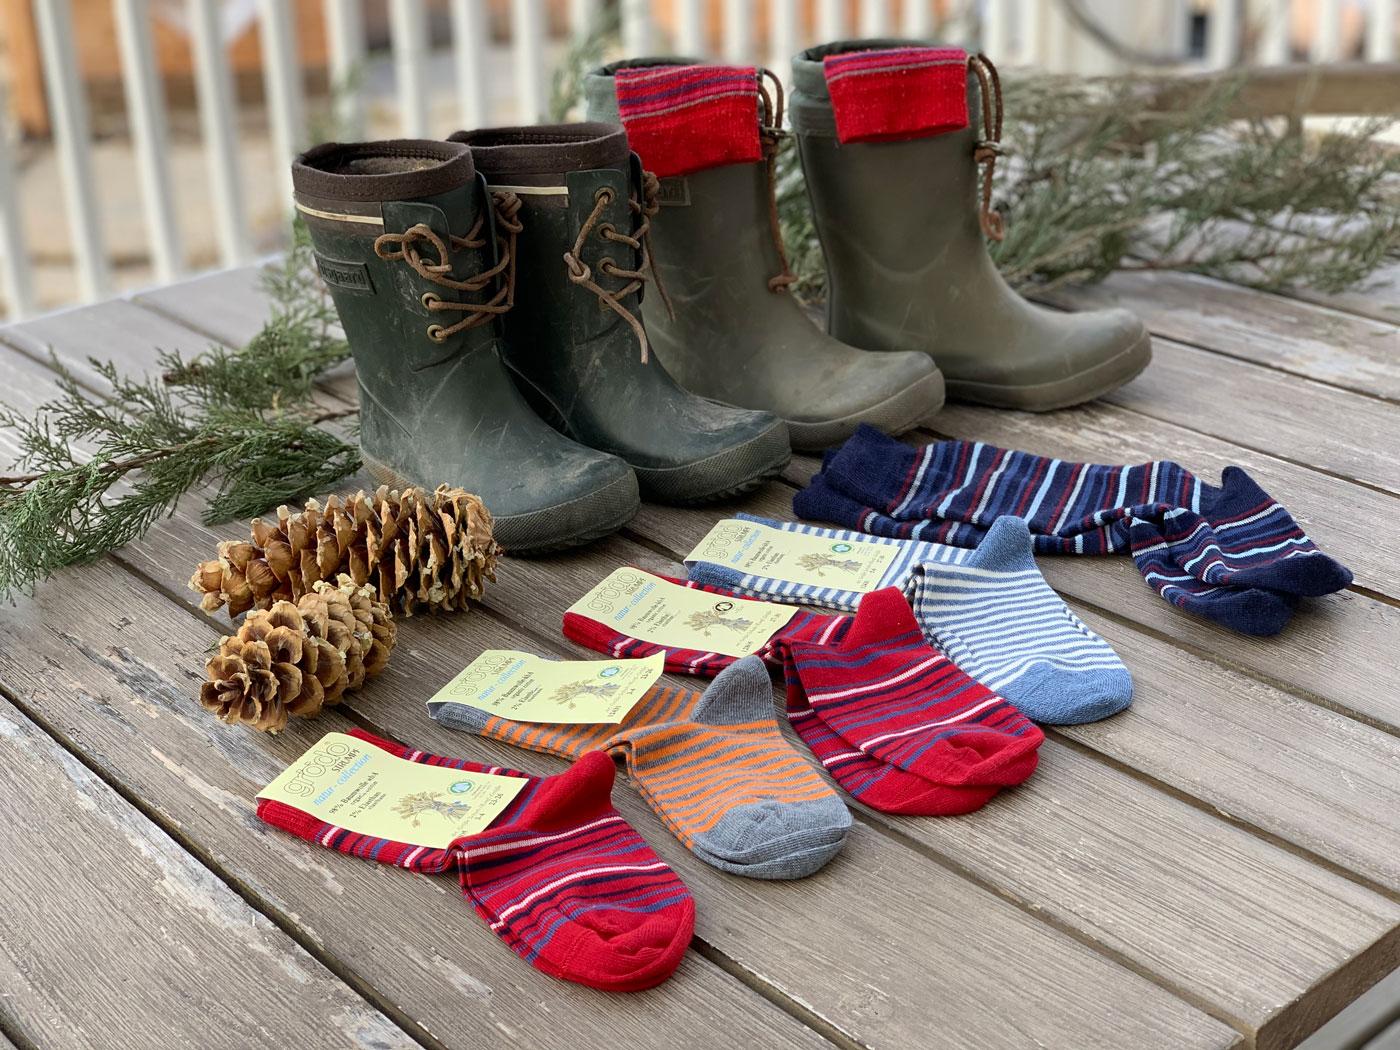 organic socks for children knee high socks wool socks for children